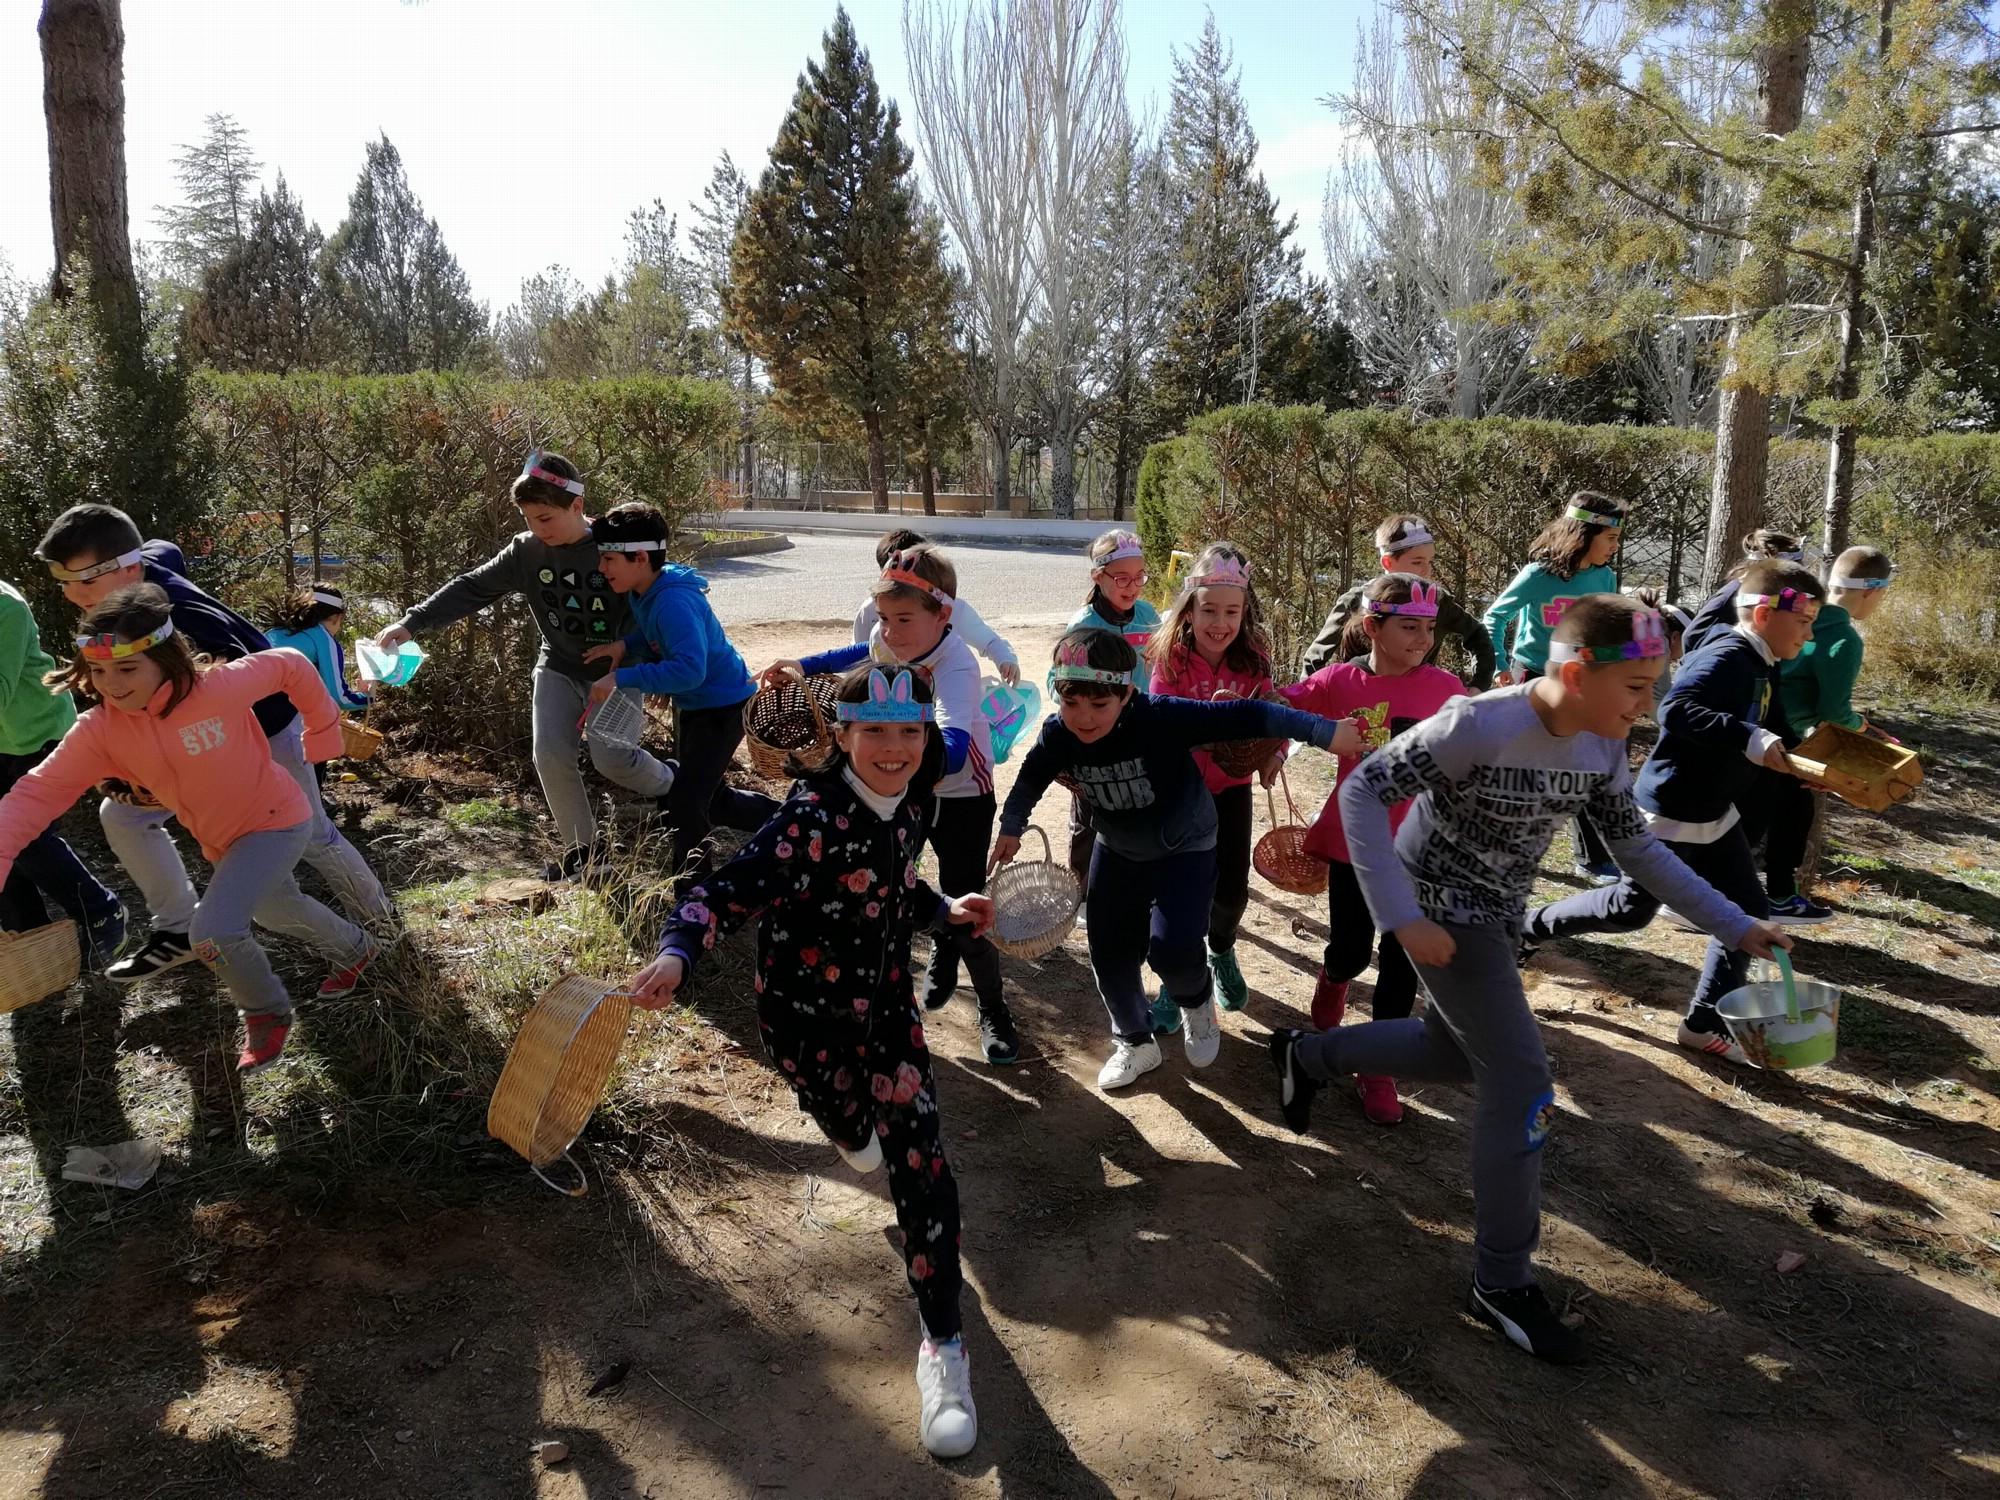 Los alumnos de Infantil y Primaria disfrutan buscando huevos de Pascua